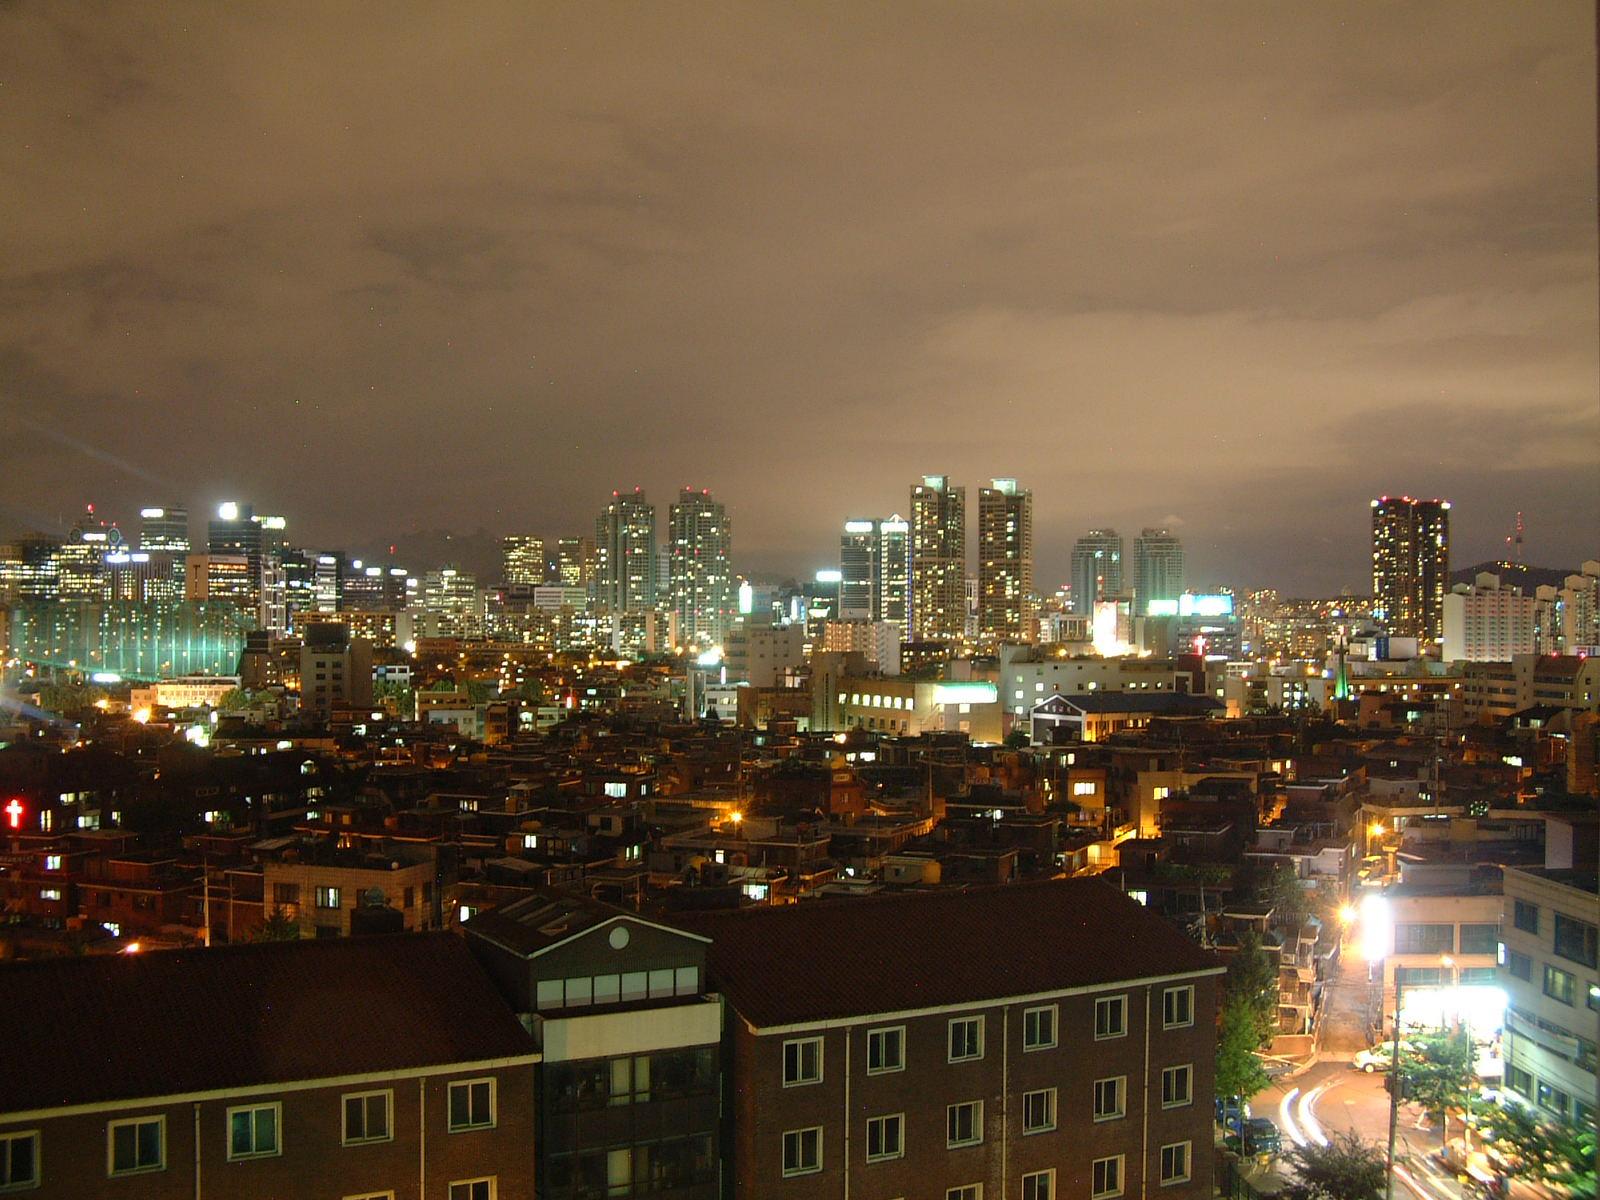 밤에도 너무 밝은 도시의 밤. 도시에 사는 생물들은 영향을 받을 수밖에 없다. 강찬수 기자